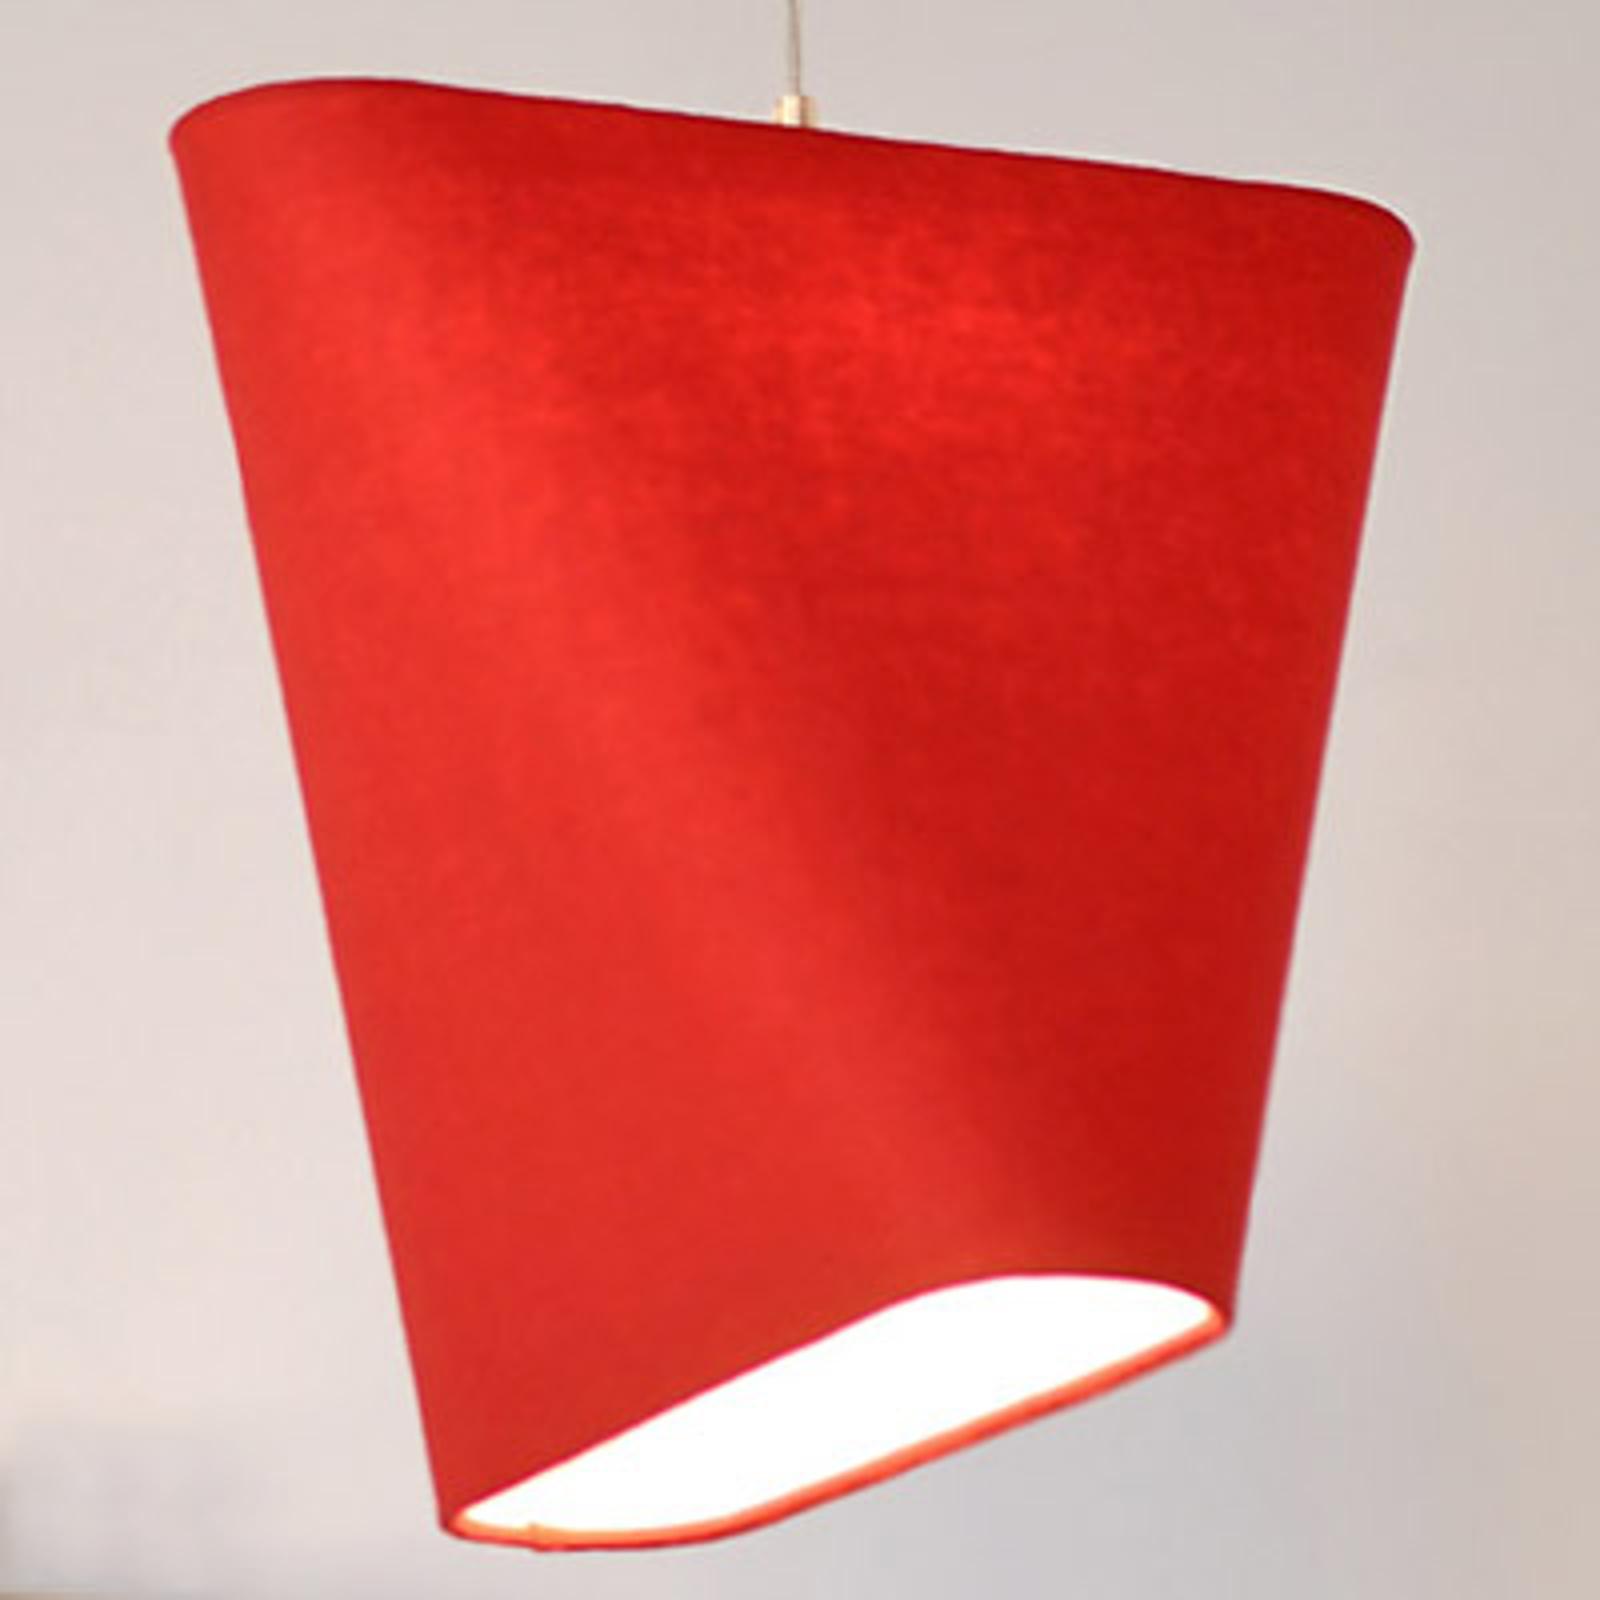 Produktové foto Innermost Innermost MnM 60 textilní závěsné světlo, červené